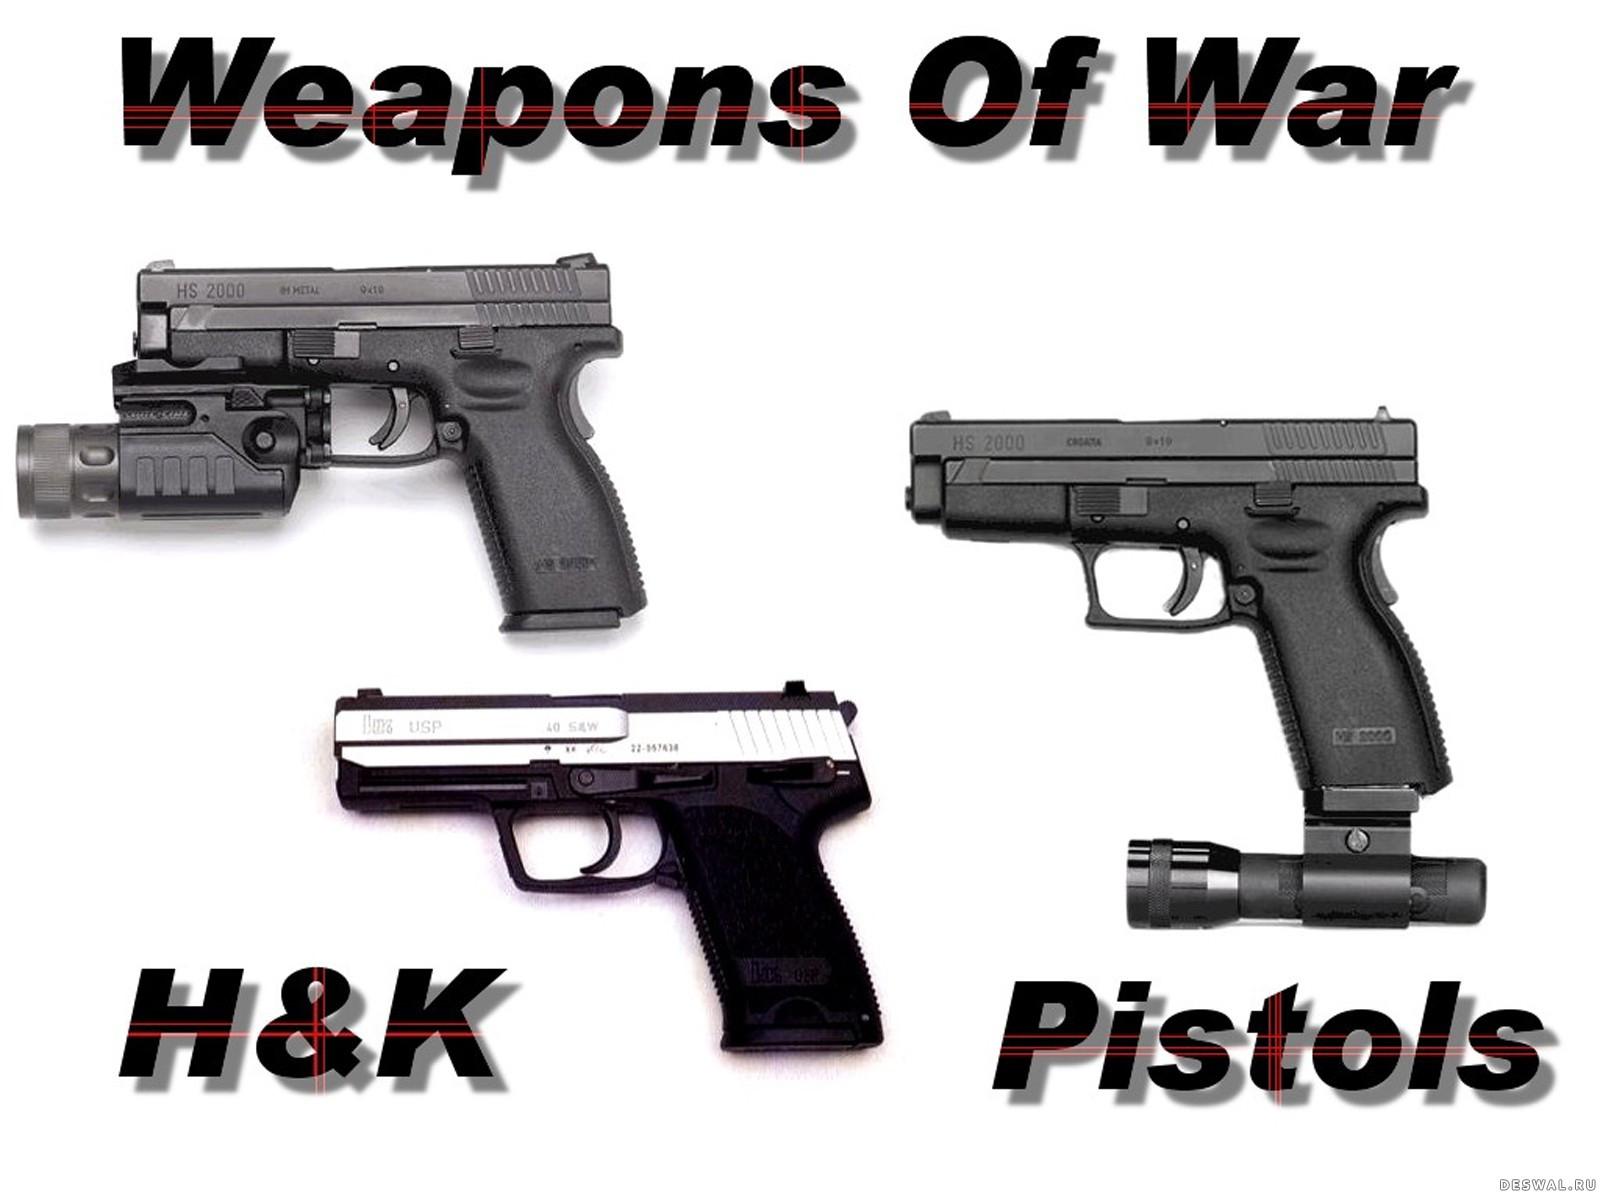 Фото 121. Нажмите на картинку с обоями оружия, чтобы просмотреть ее в реальном размере